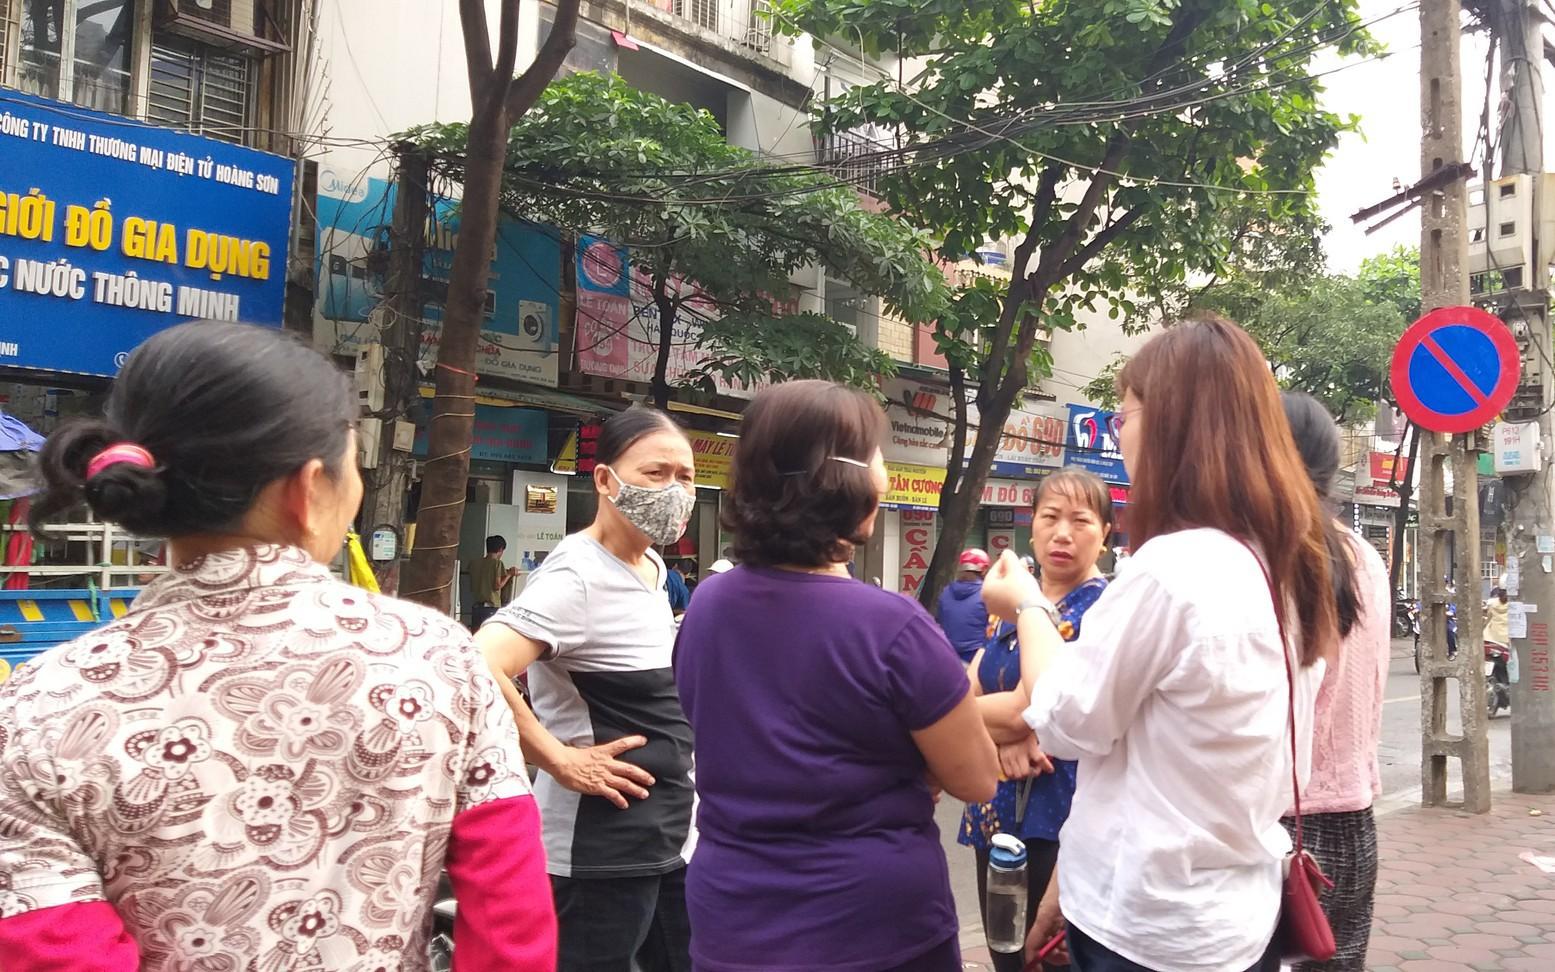 Hà Nội: Vừa rời khỏi nhà, người phụ nữ tử vong bất thường cạnh chiếc xe máy